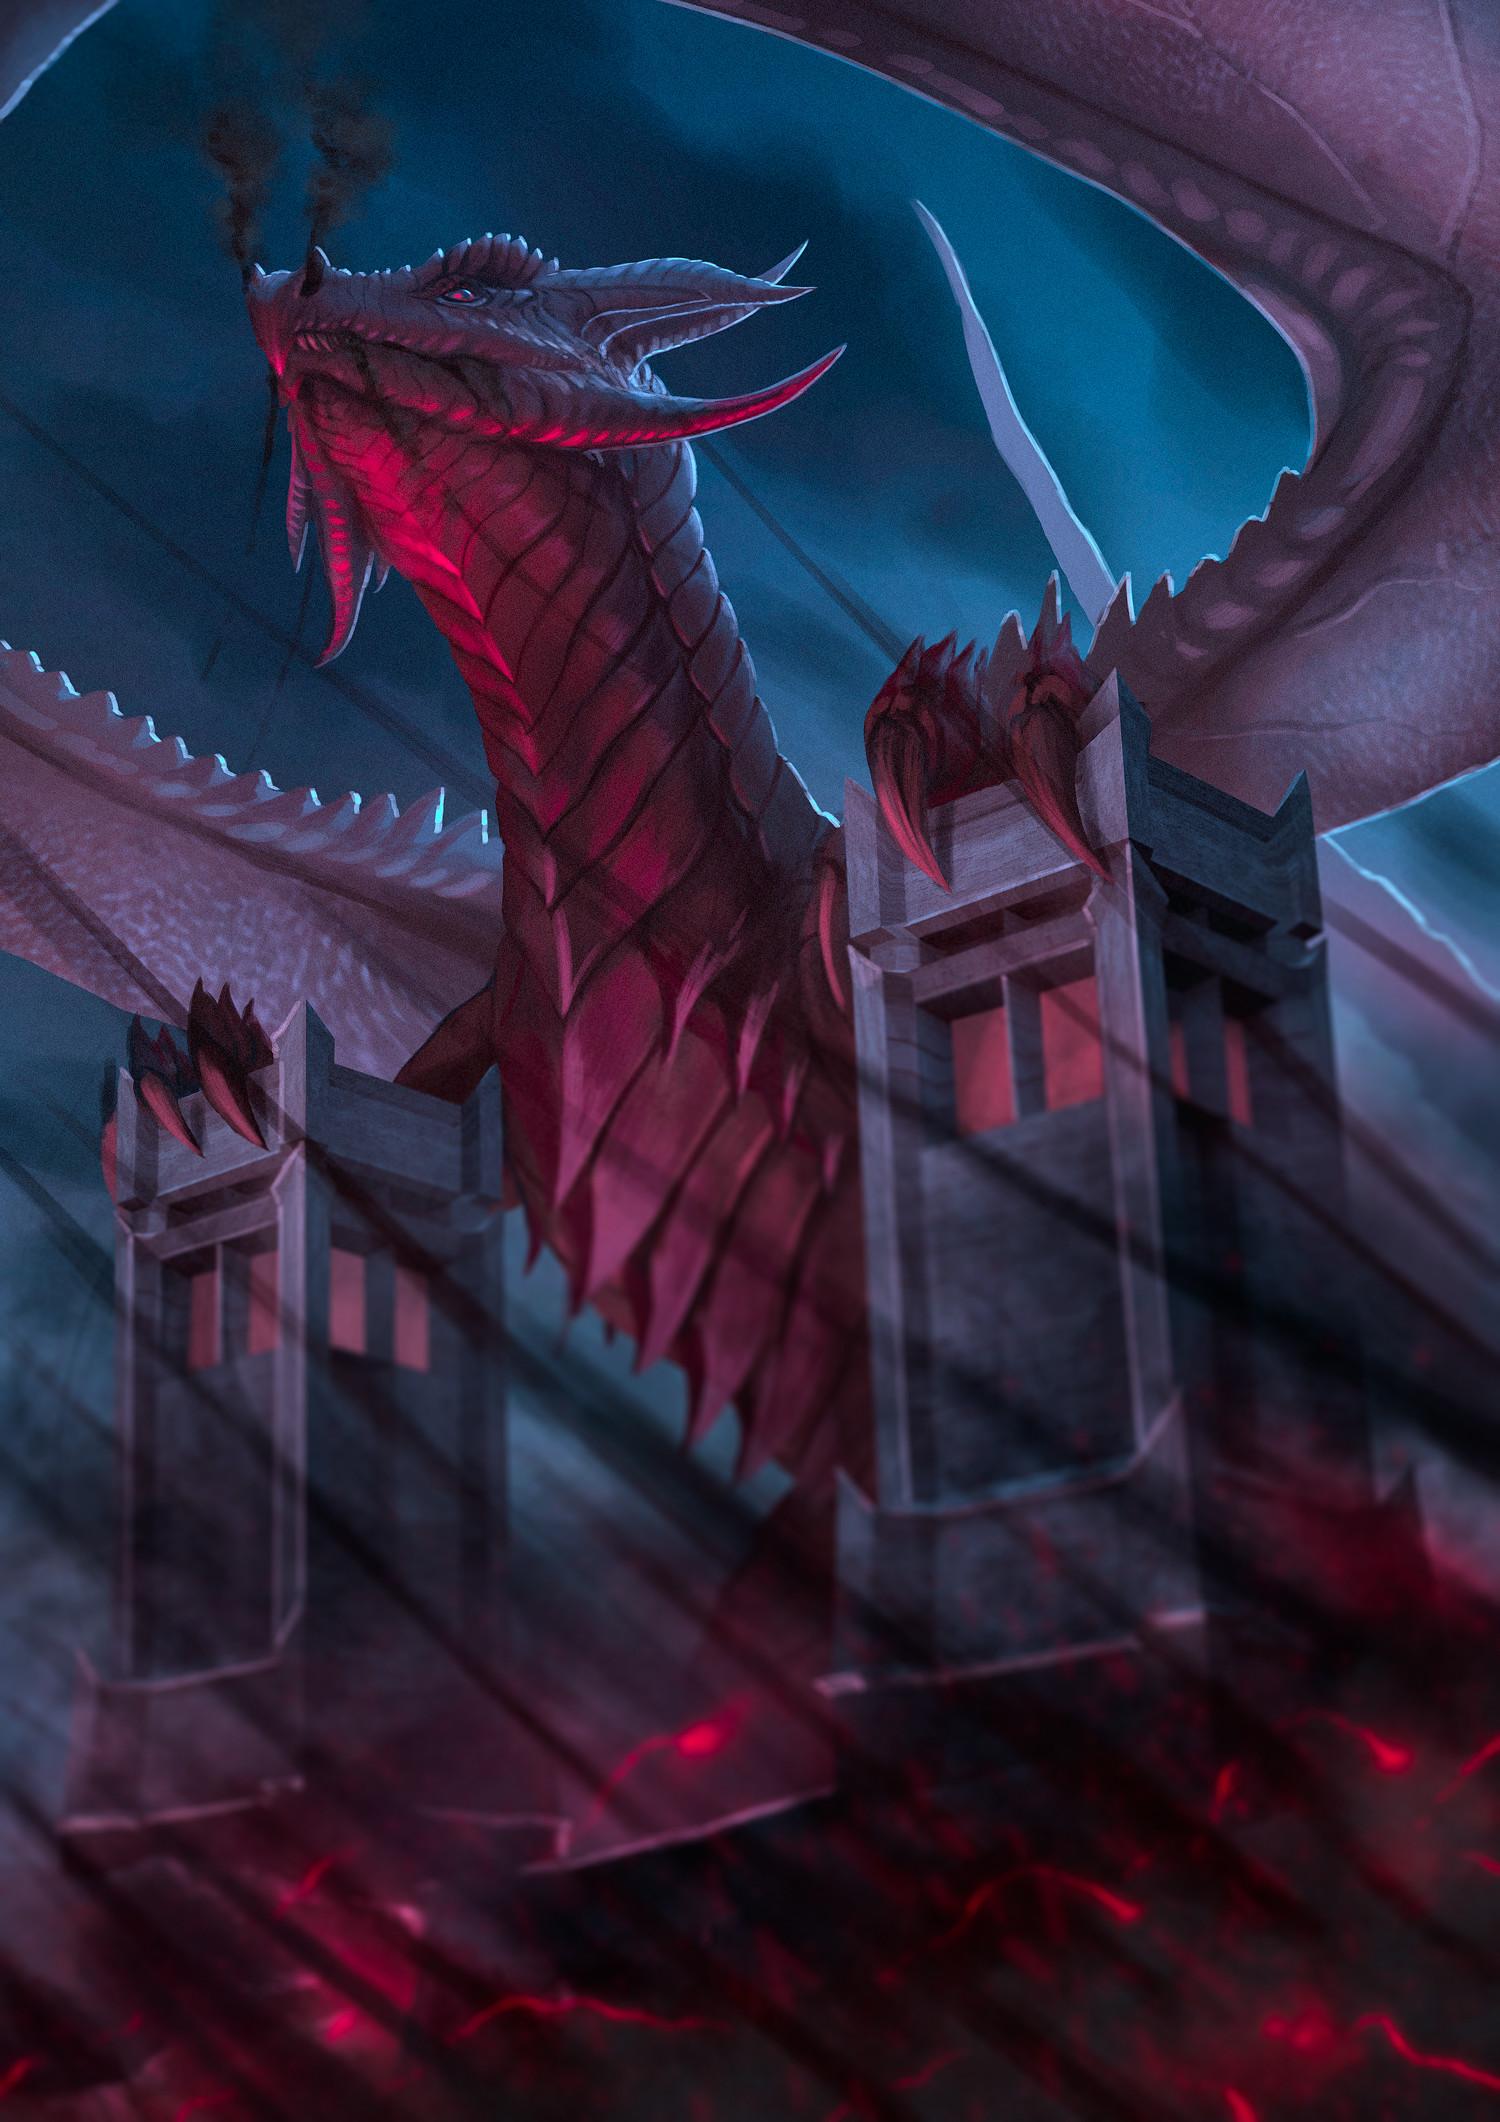 Robert crescenzio horror dragon final